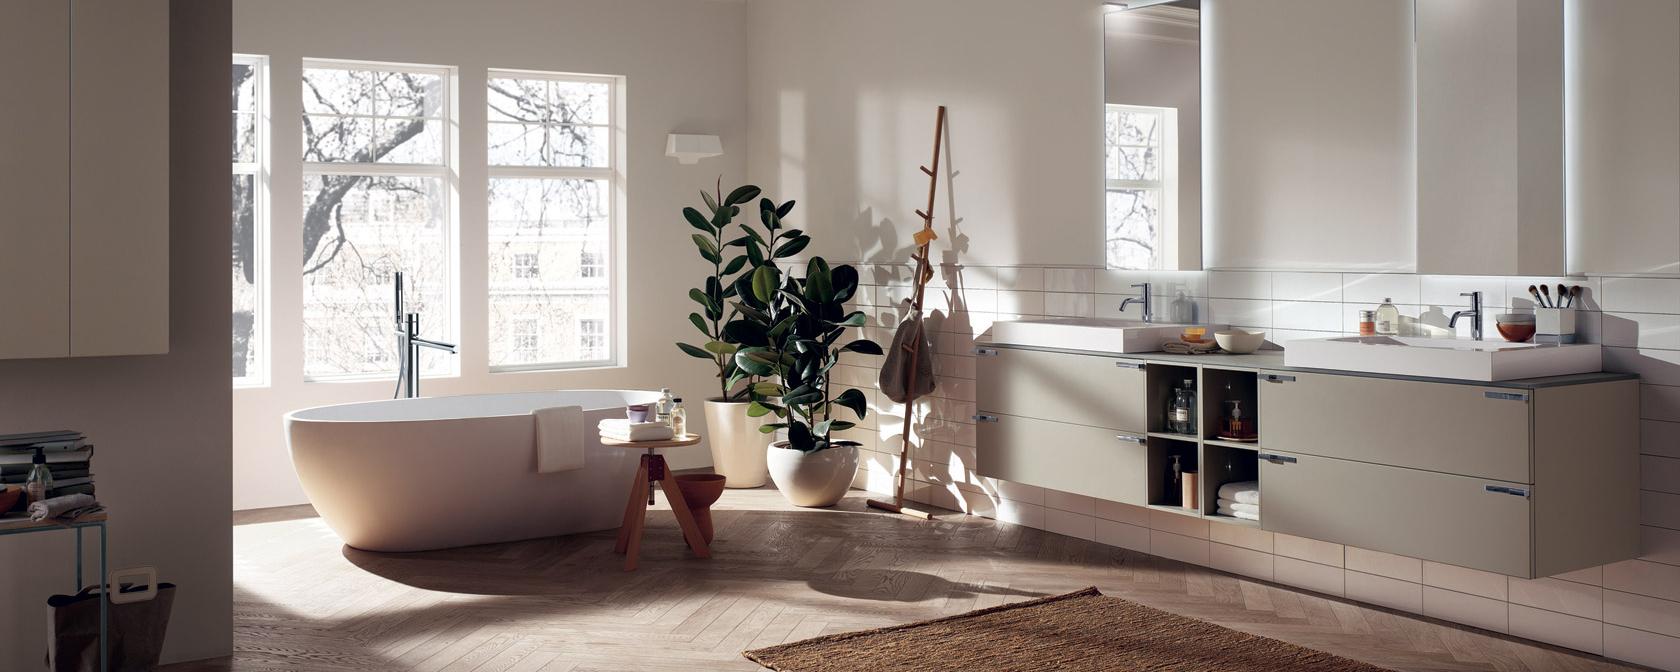 come arredare il bagno? soluzioni per bagni moderni e di design - Soluzioni Bagni Moderni